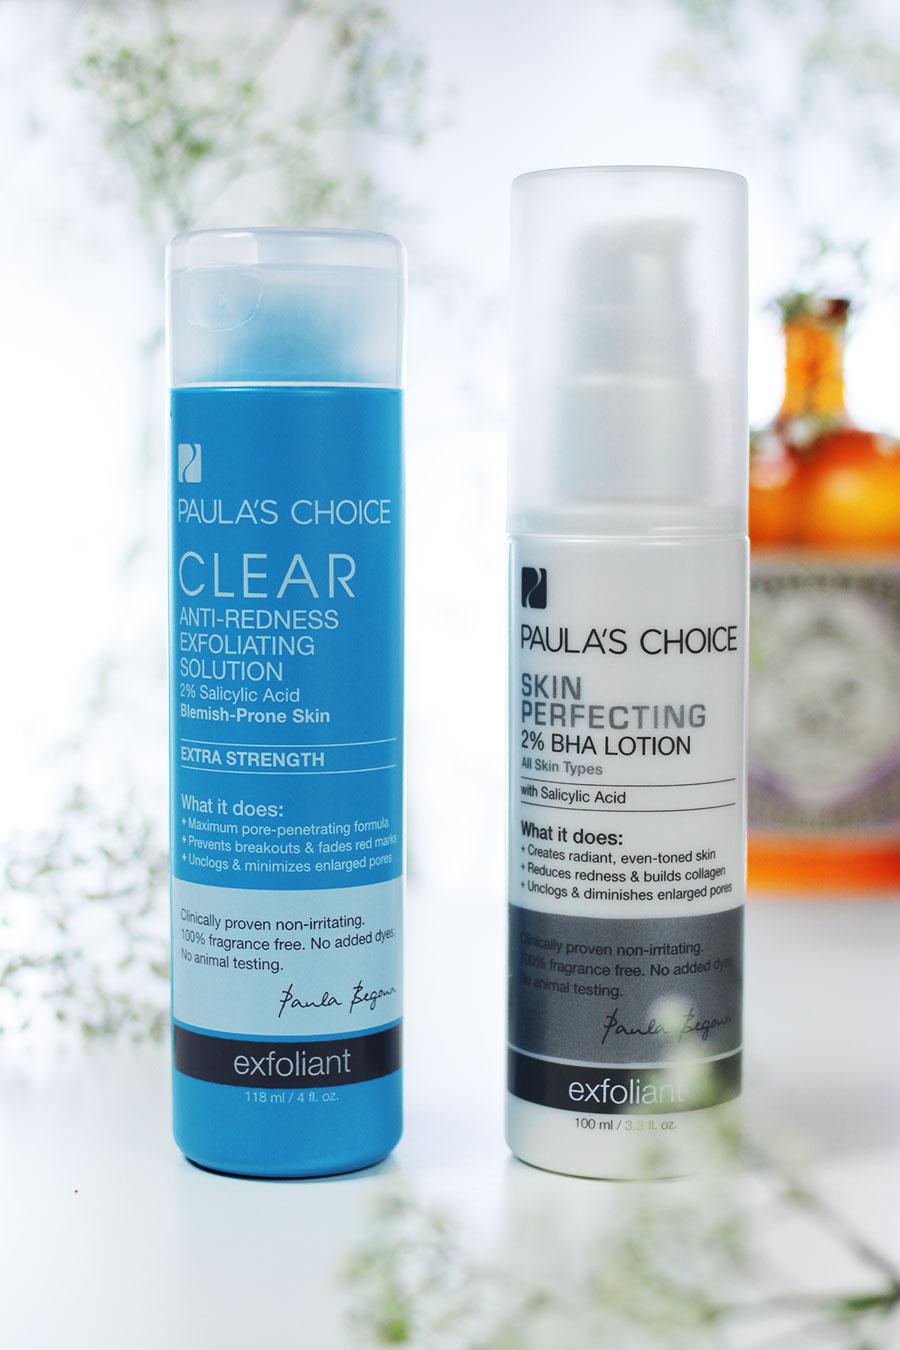 Gesichtspflege-routine-unreine-Haut-paulas-choice-bha-peeling